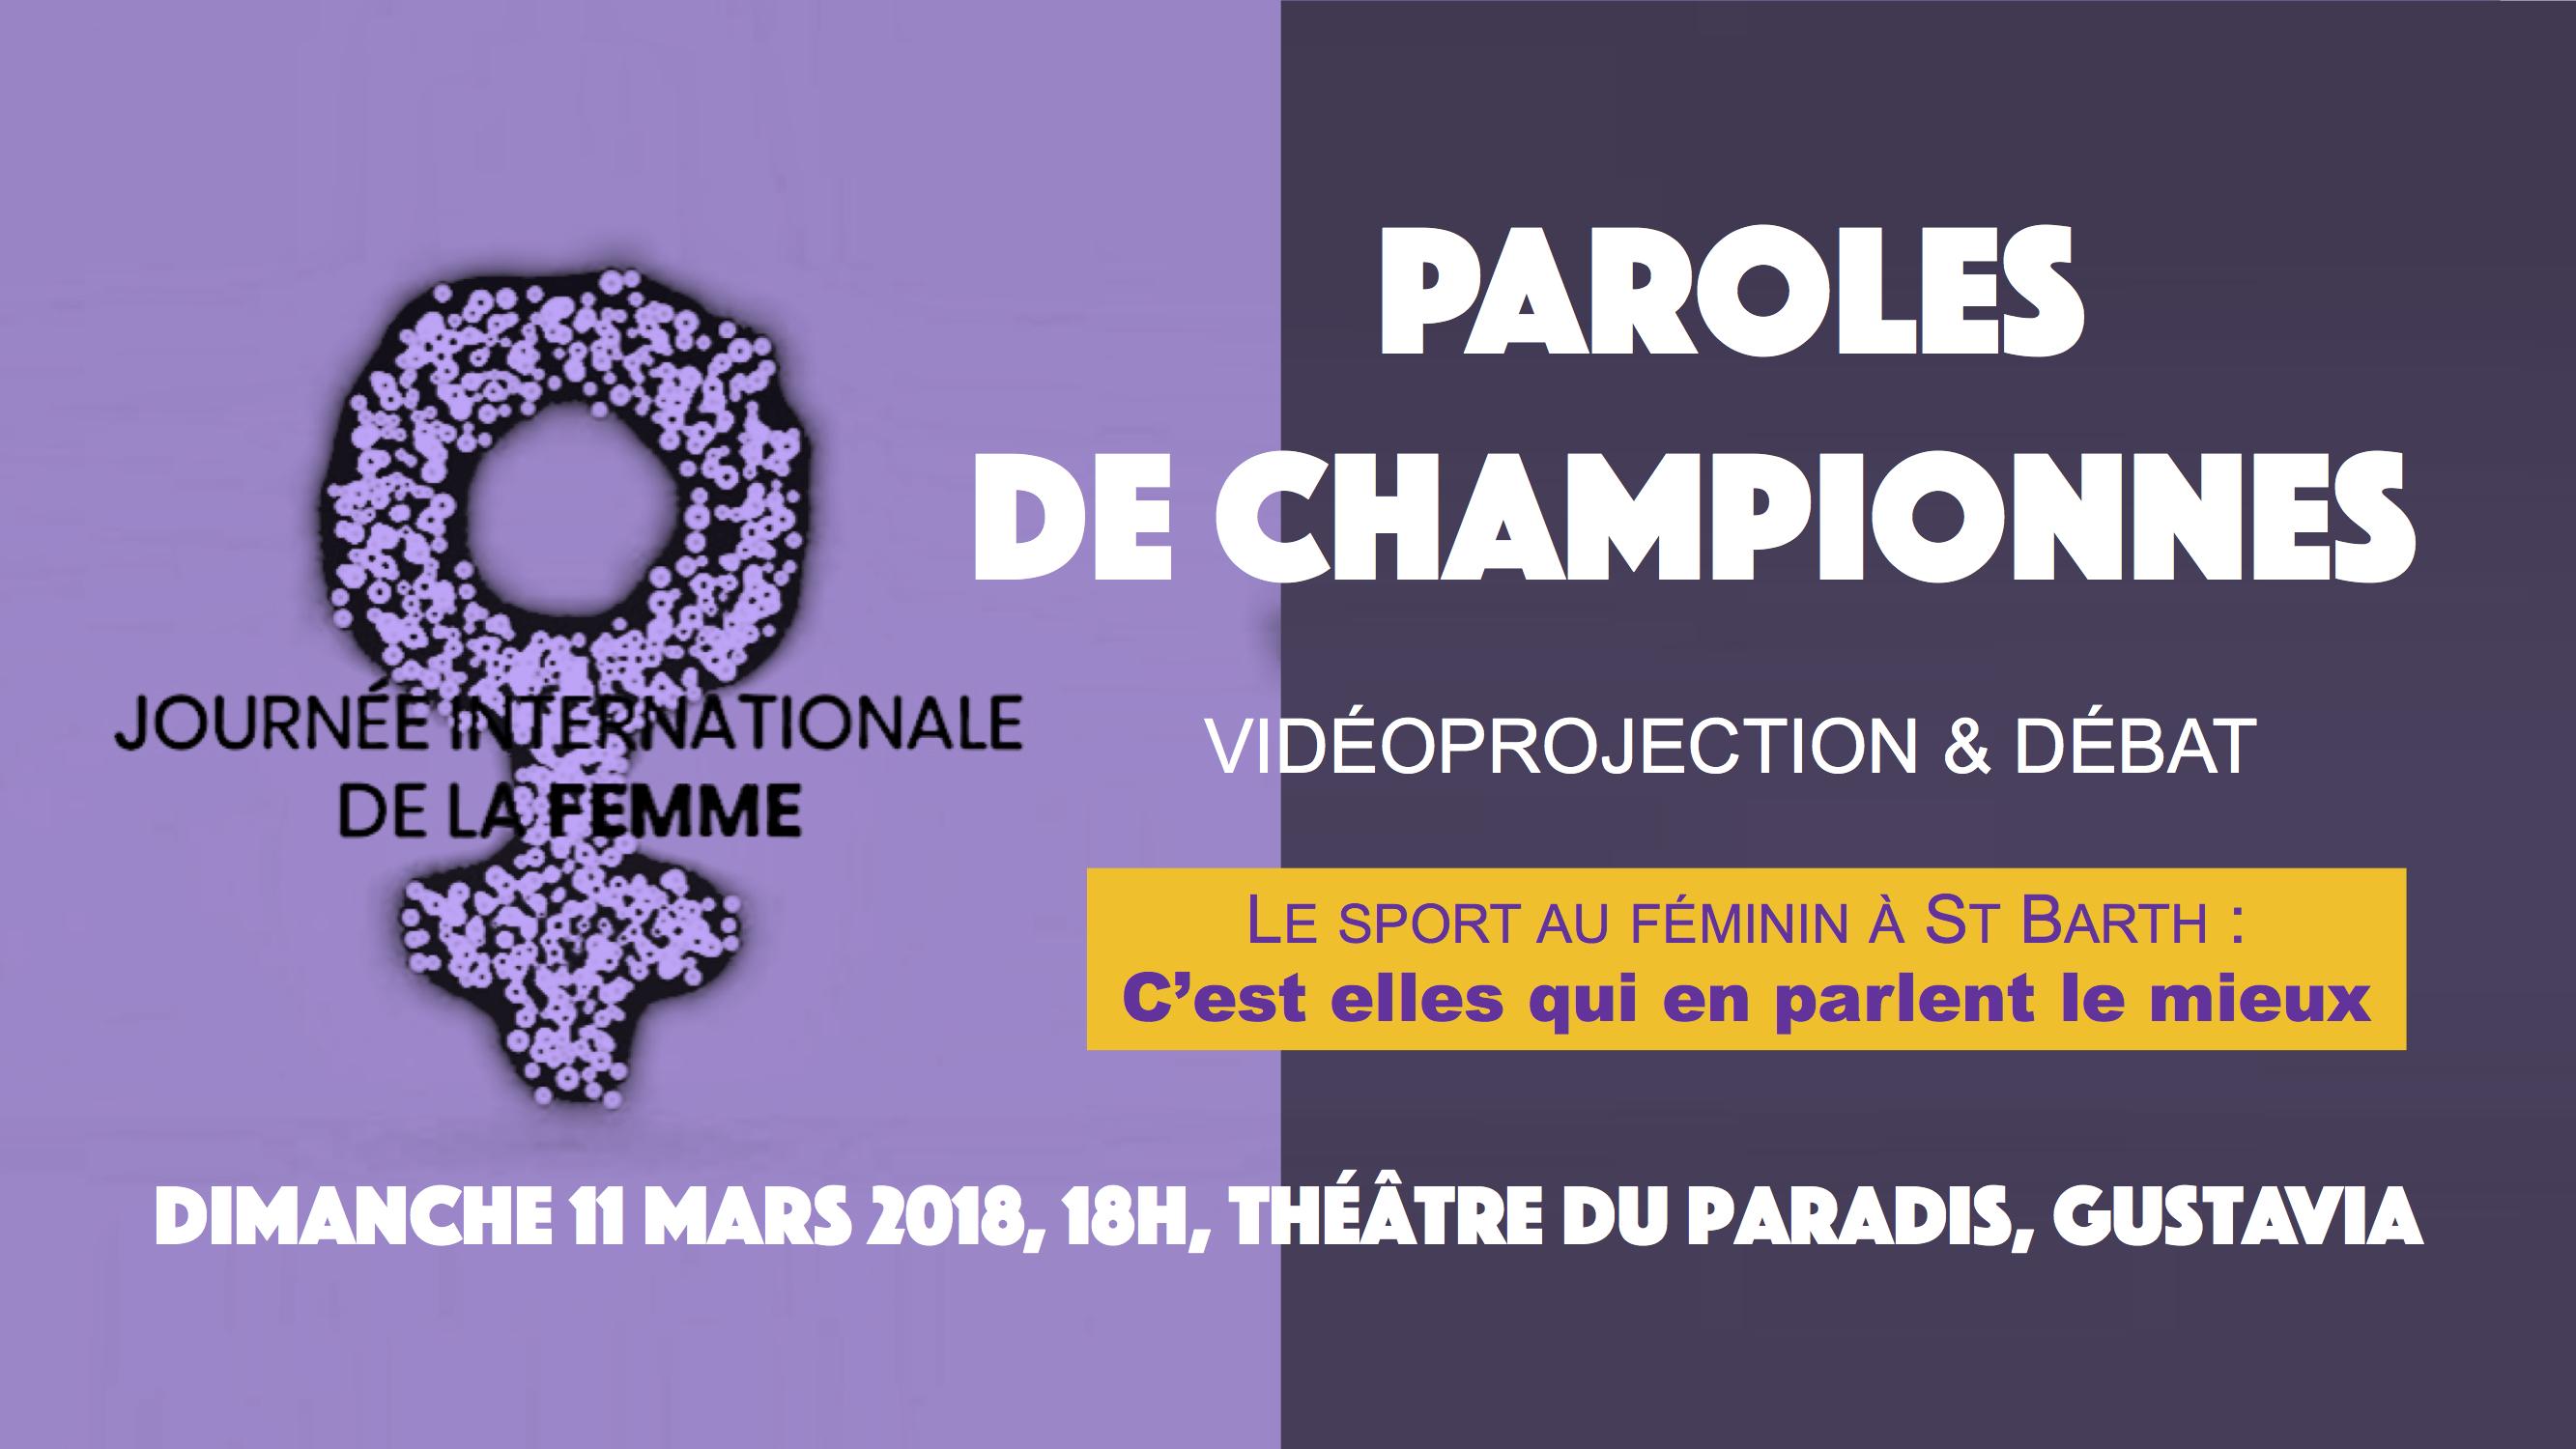 Journée internationale de la Femme: la parole aux championnes!